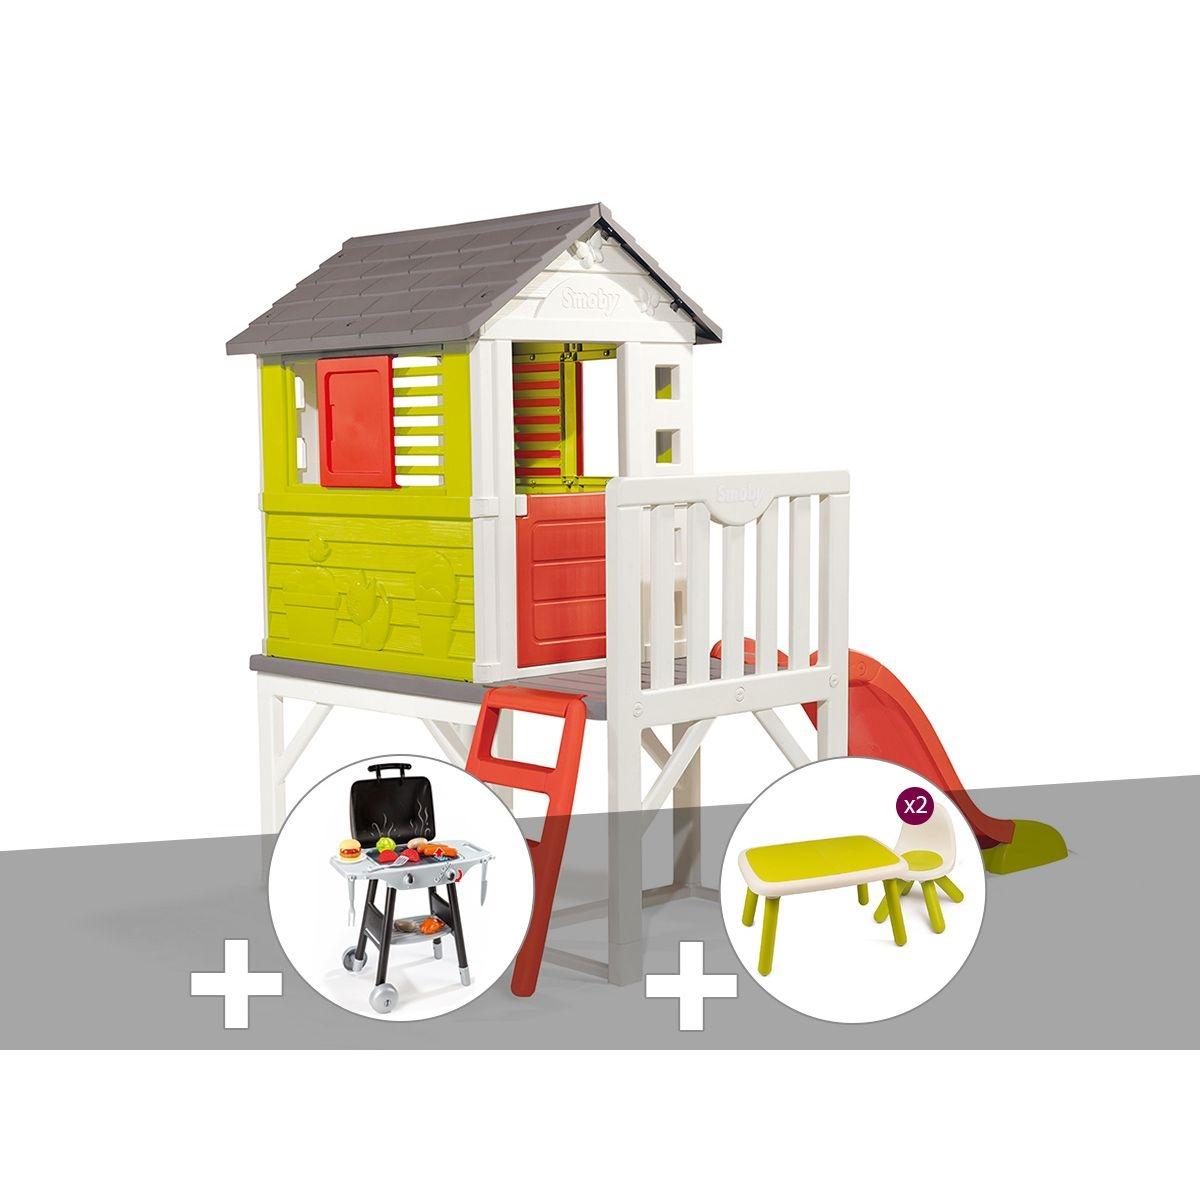 Cabane enfant Pilotis - Smoby + Plancha + Table et 2 chaises